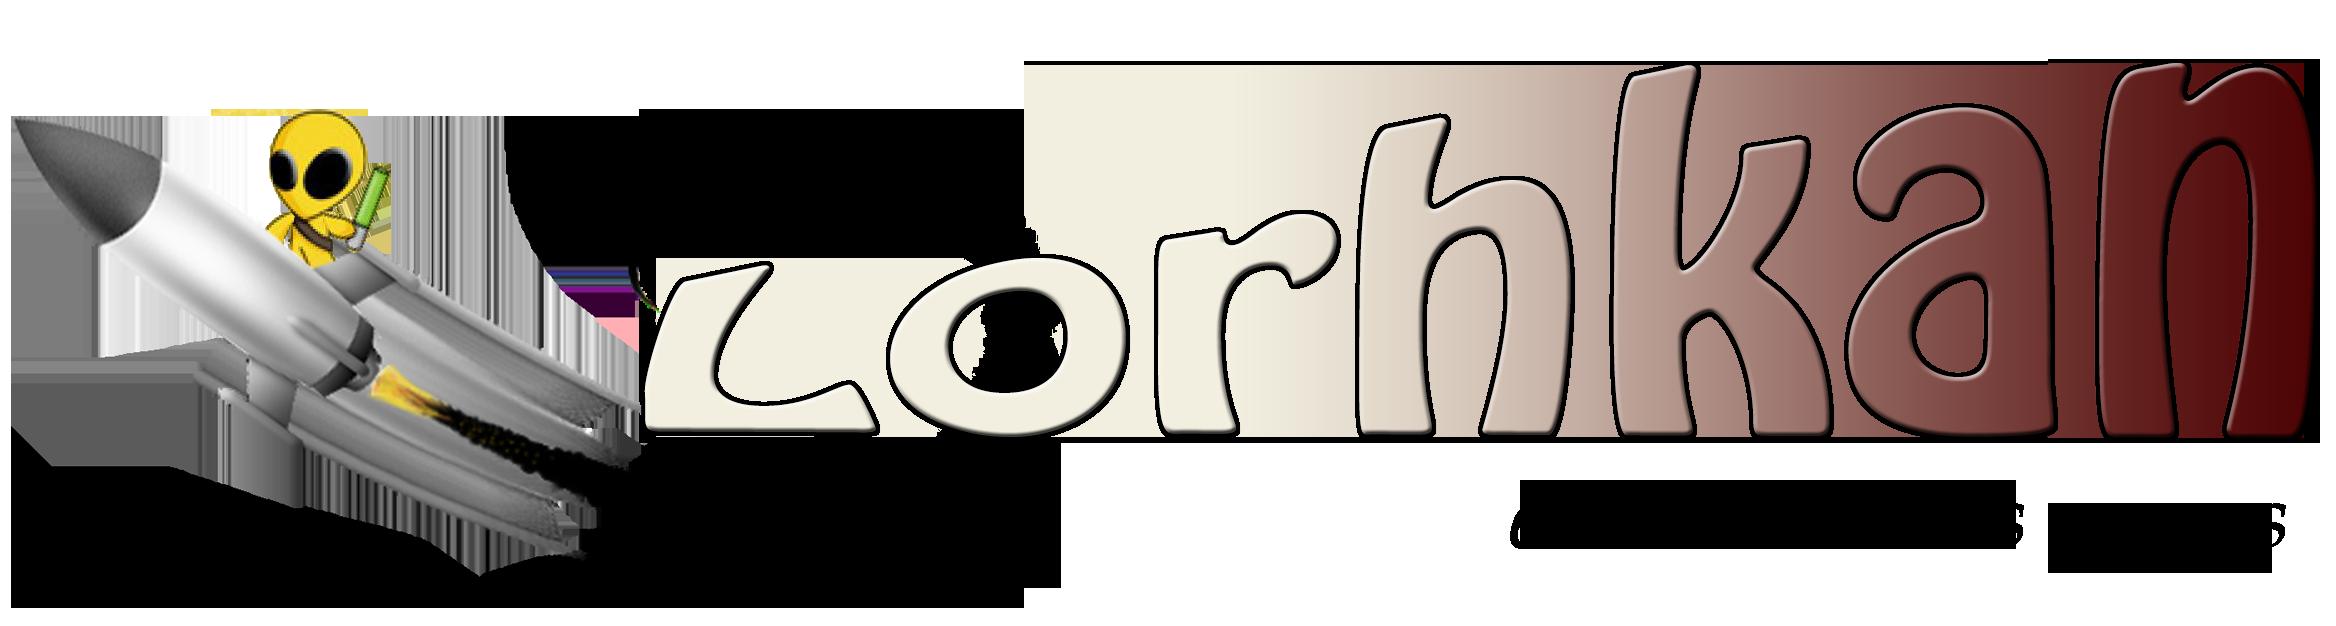 Lorhkan et les mauvais genres